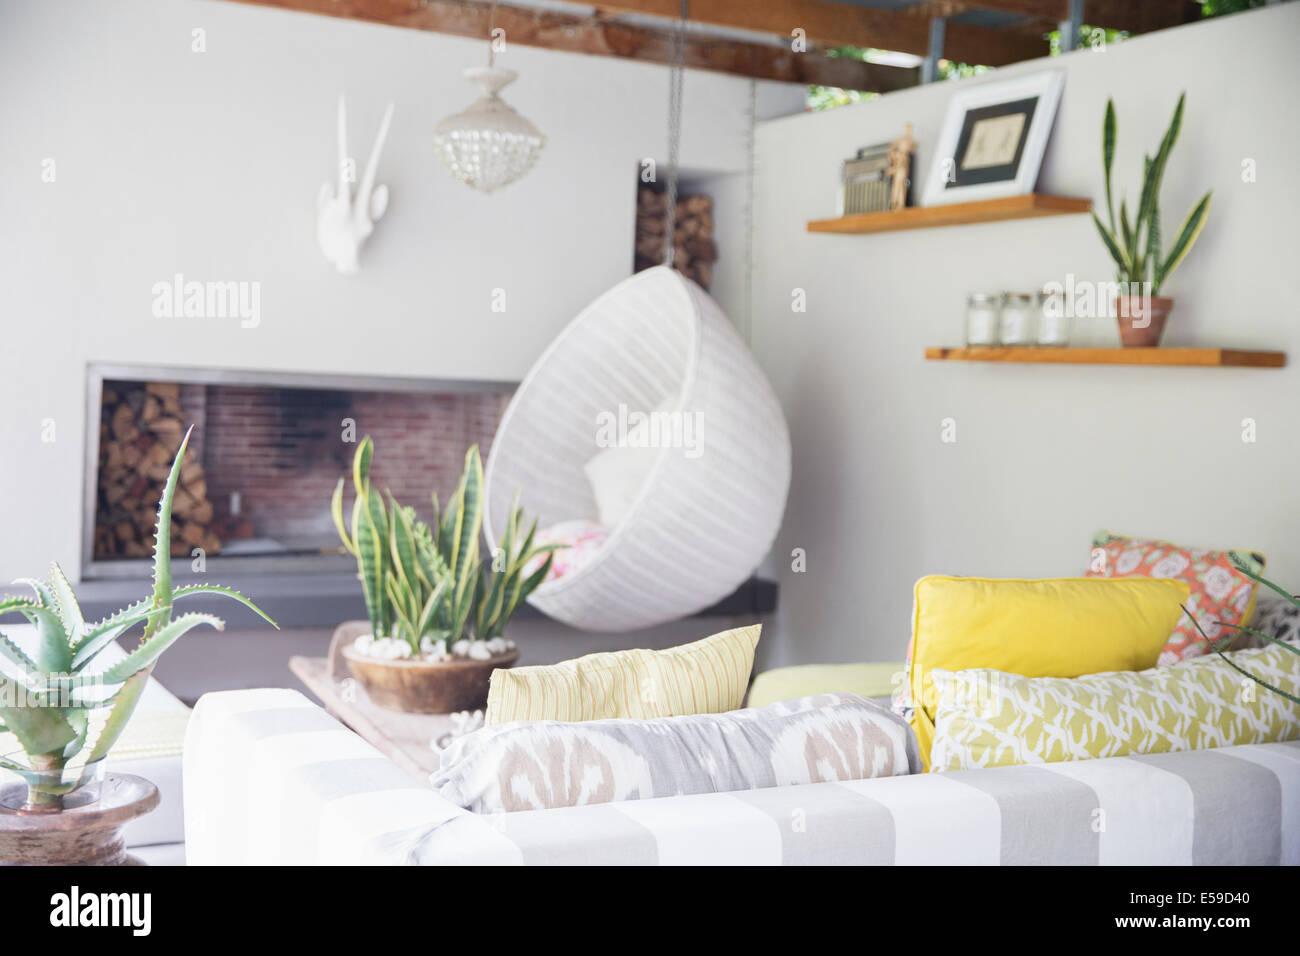 Divano, poltrona e caminetto in soggiorno moderno Immagini Stock